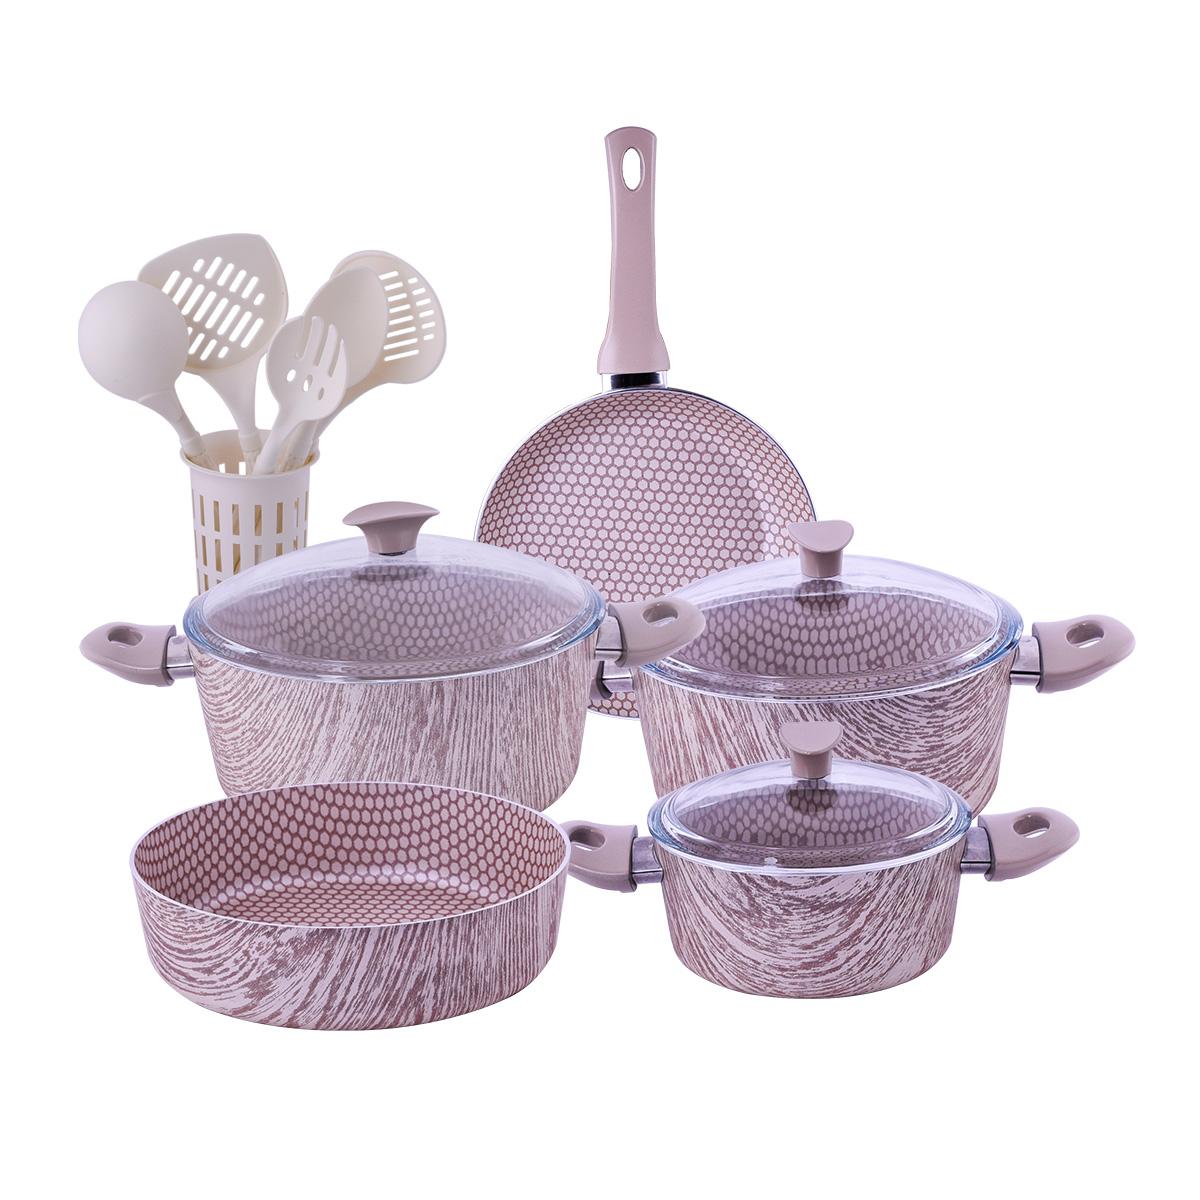 طقم قدور طبخ تركي لون خشبي ,17 قطعه , رقم A014